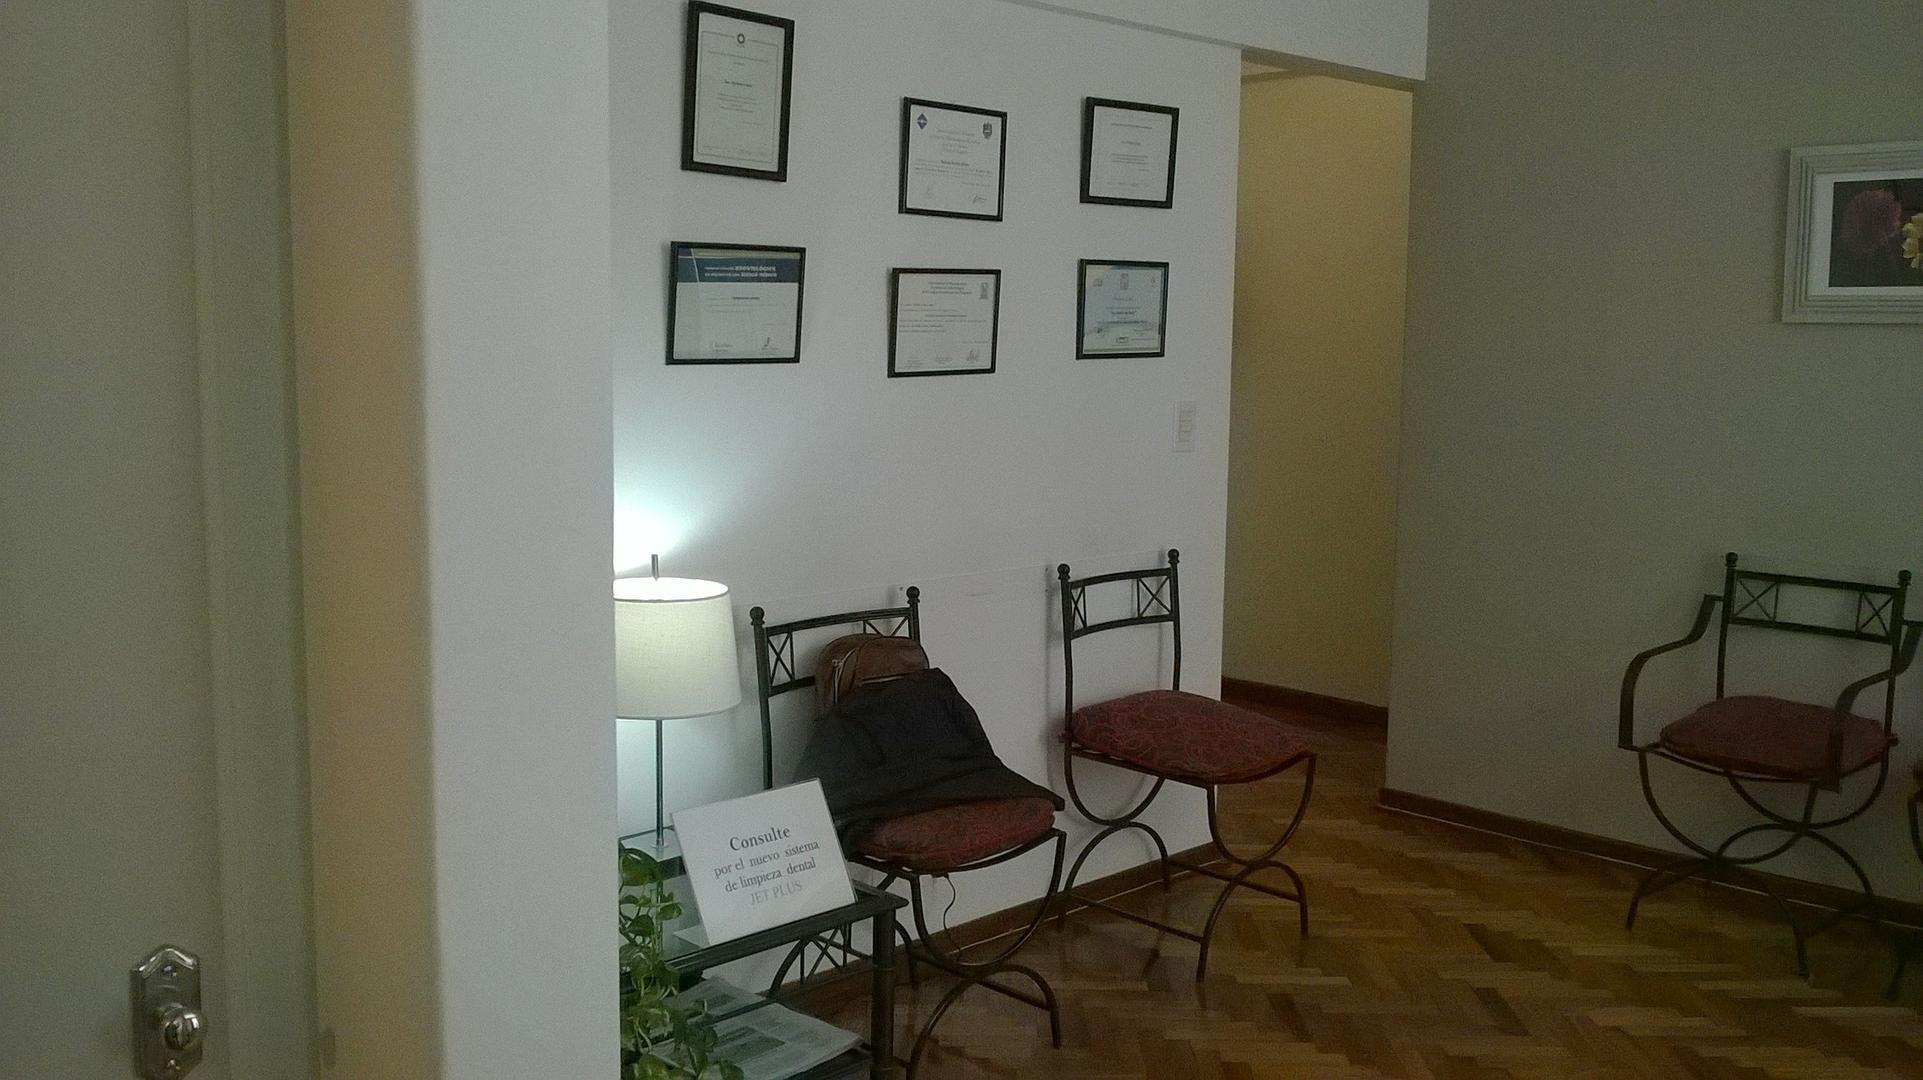 Departamento - 46 m² | 1 dormitorio | 30 años